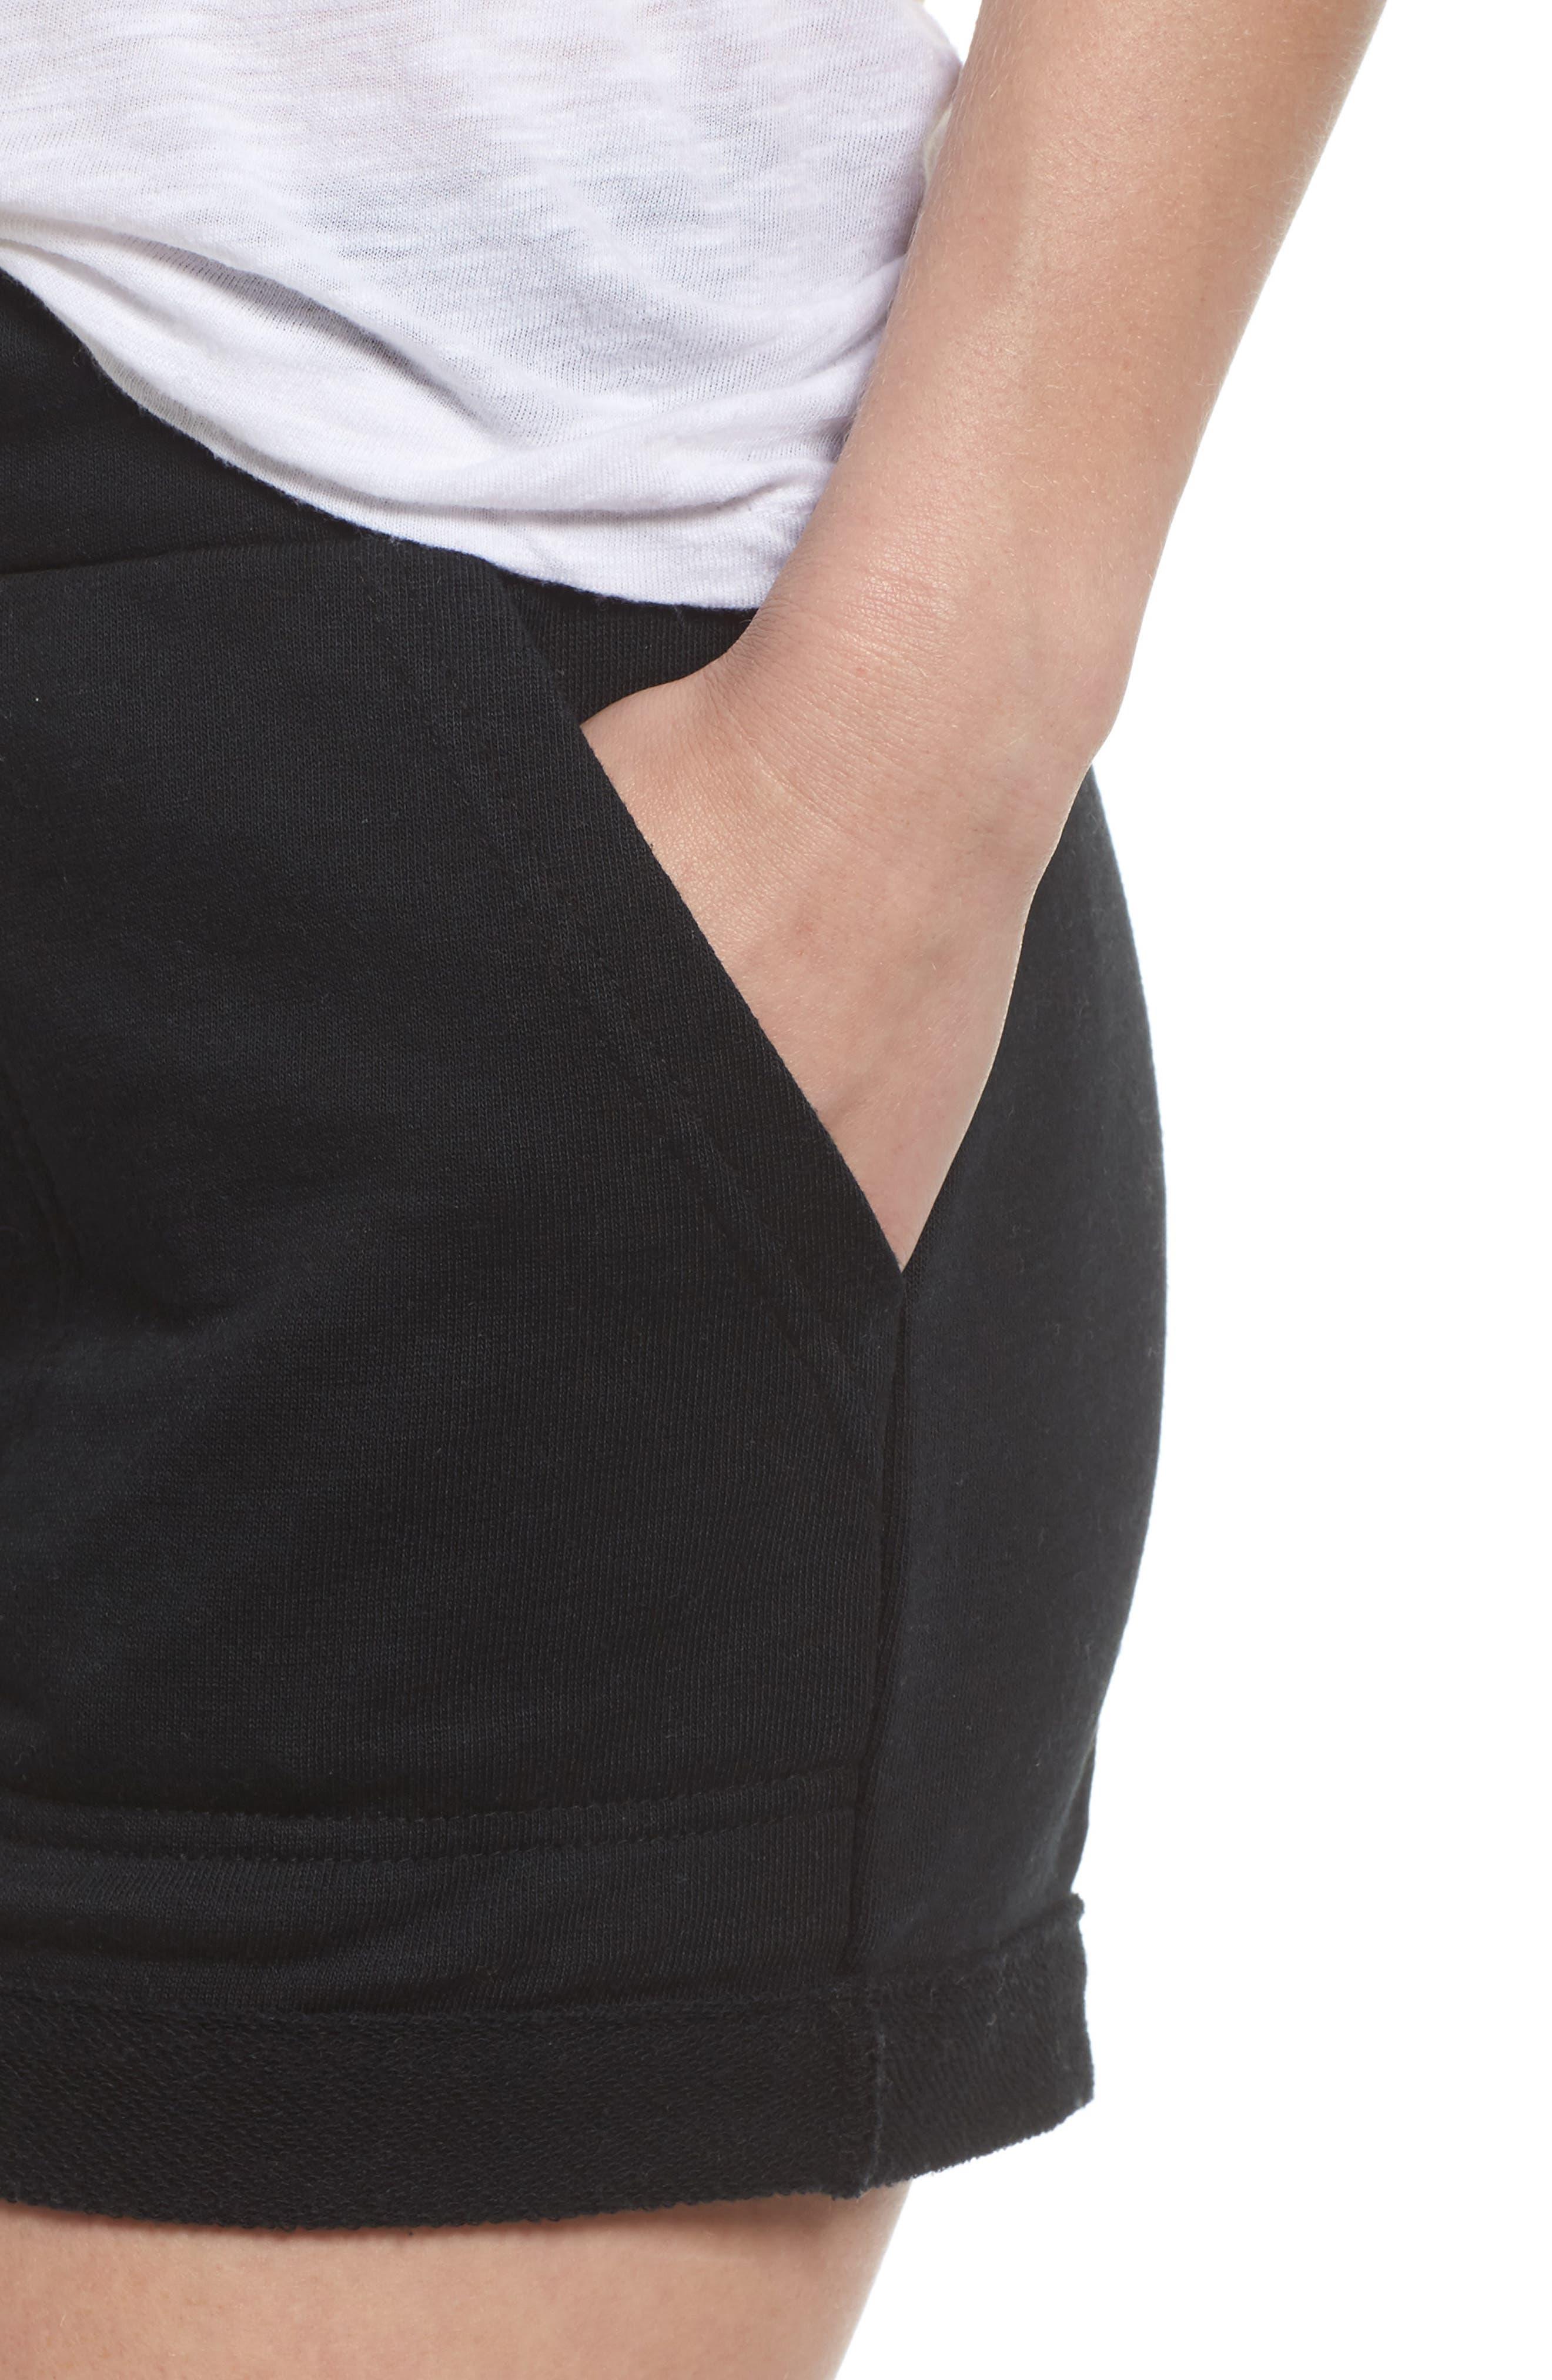 Lounge Shorts,                             Alternate thumbnail 5, color,                             True Black